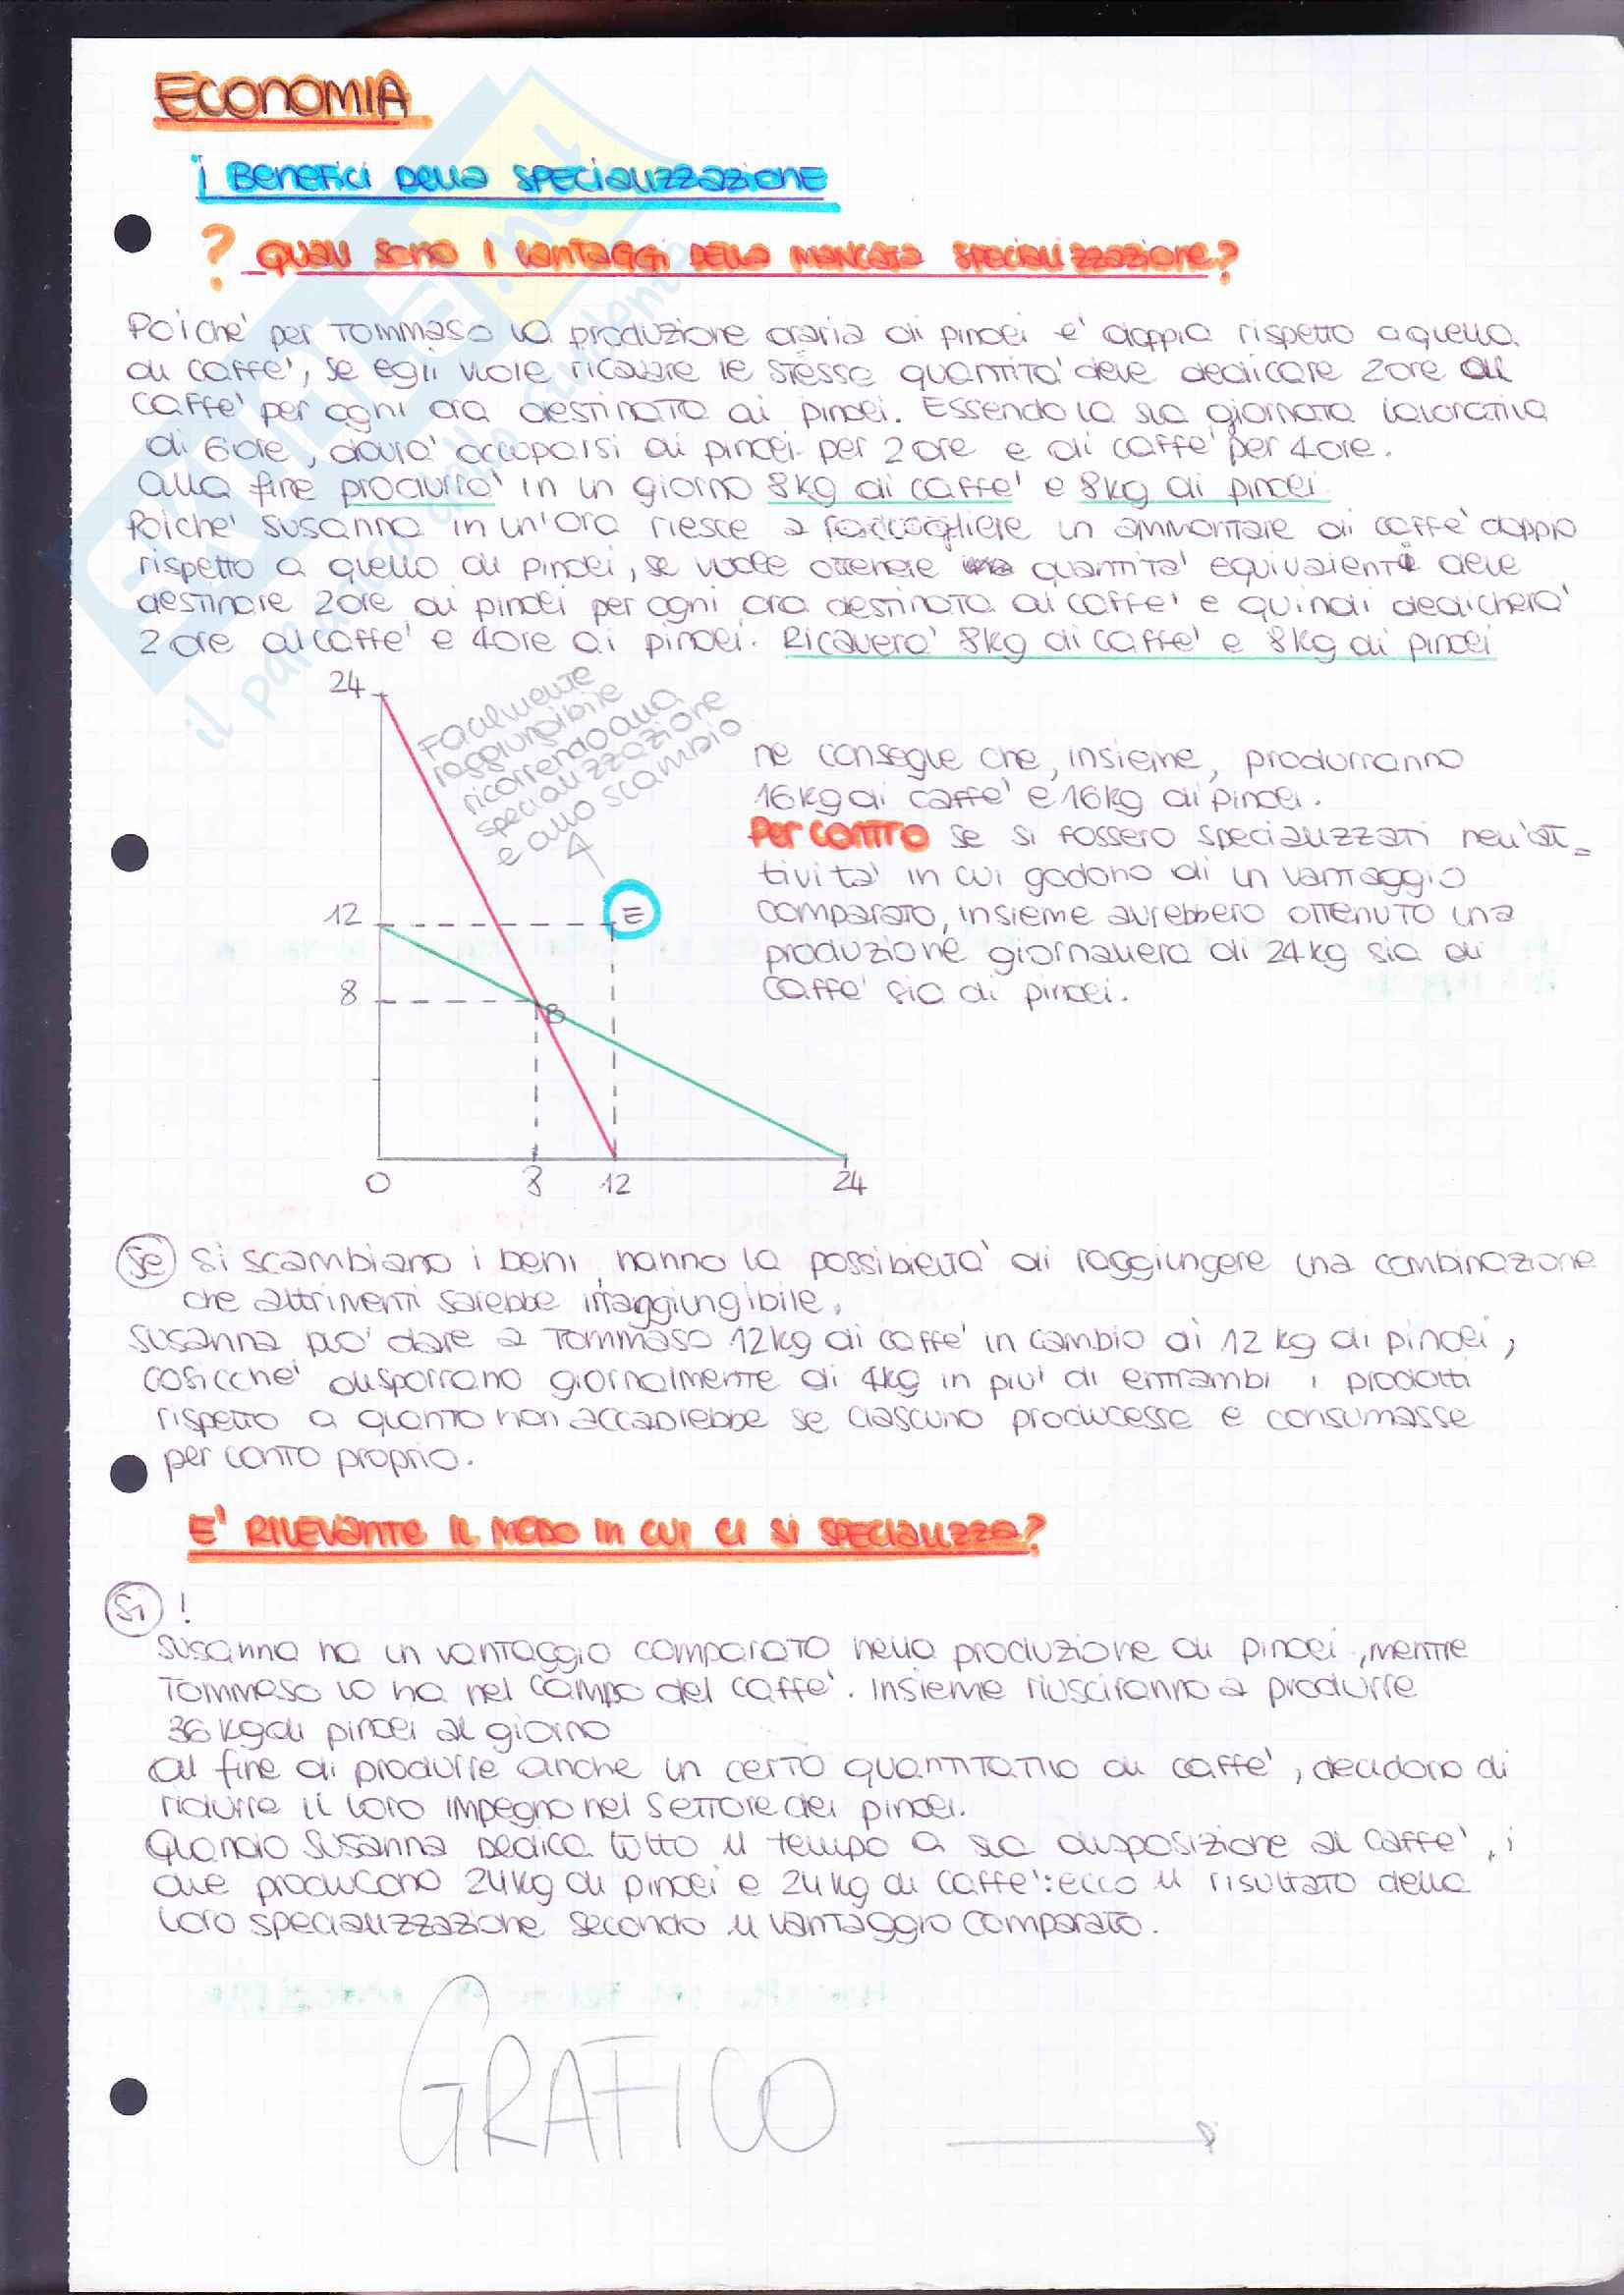 Riassunto esame Elementi di Economia-Microeconomia, prof. Resmini, libro consigliato Principi di economia 4/ed, Robert H. Frank, Ben S. Bernanke, Moore McDowell, Rodney Thom e Ivan Pastine